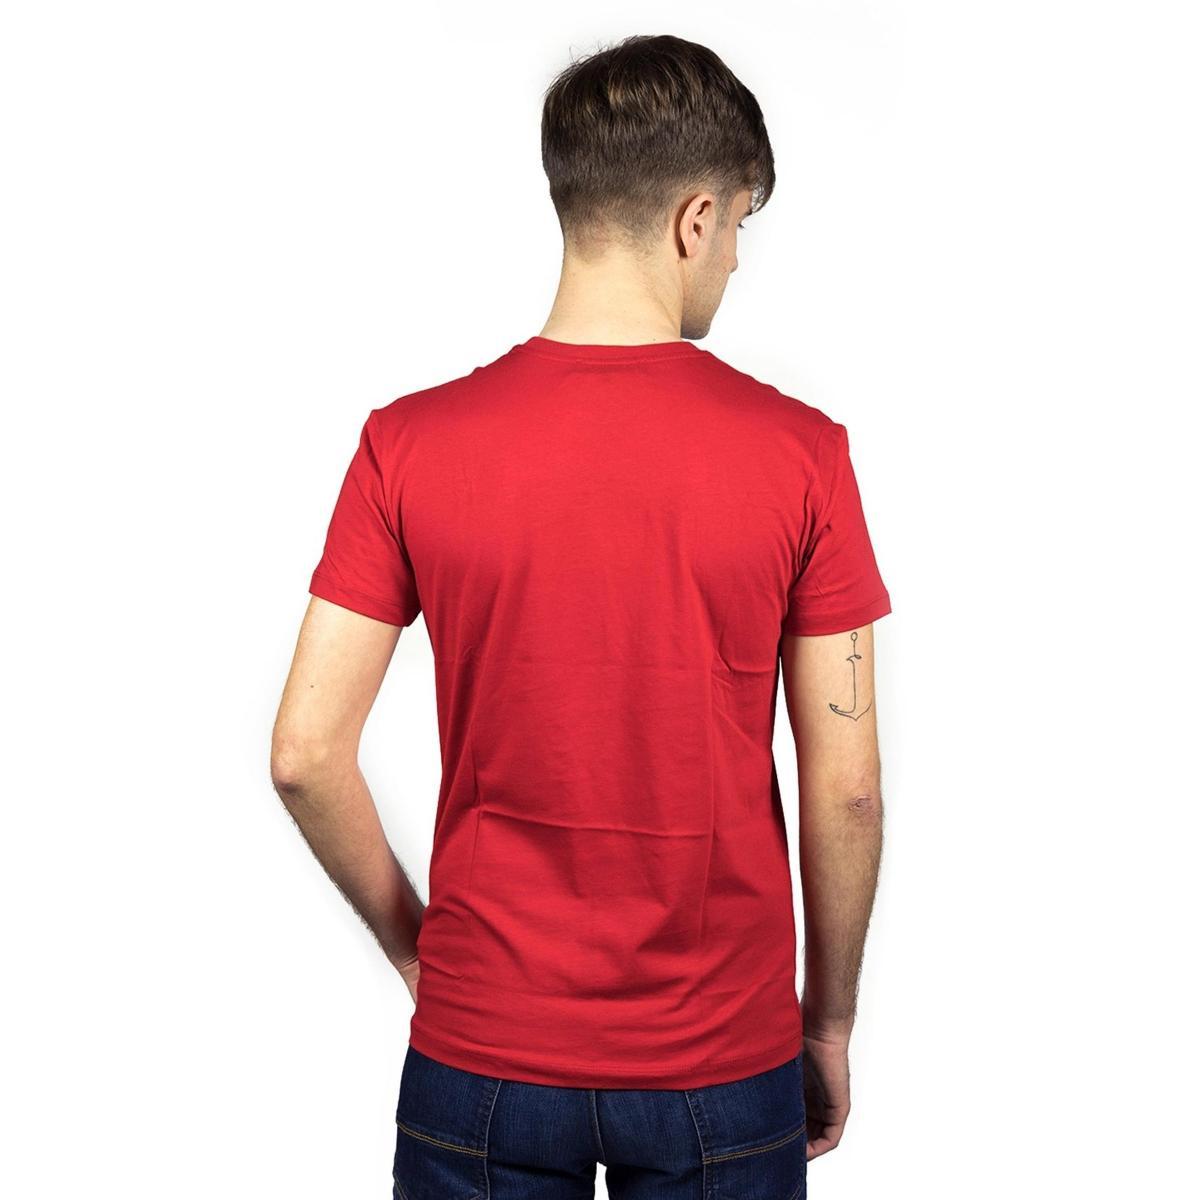 T-shirt Trussardi girocollo con stampa sul petto da uomo rif. 52T00120 1T000789